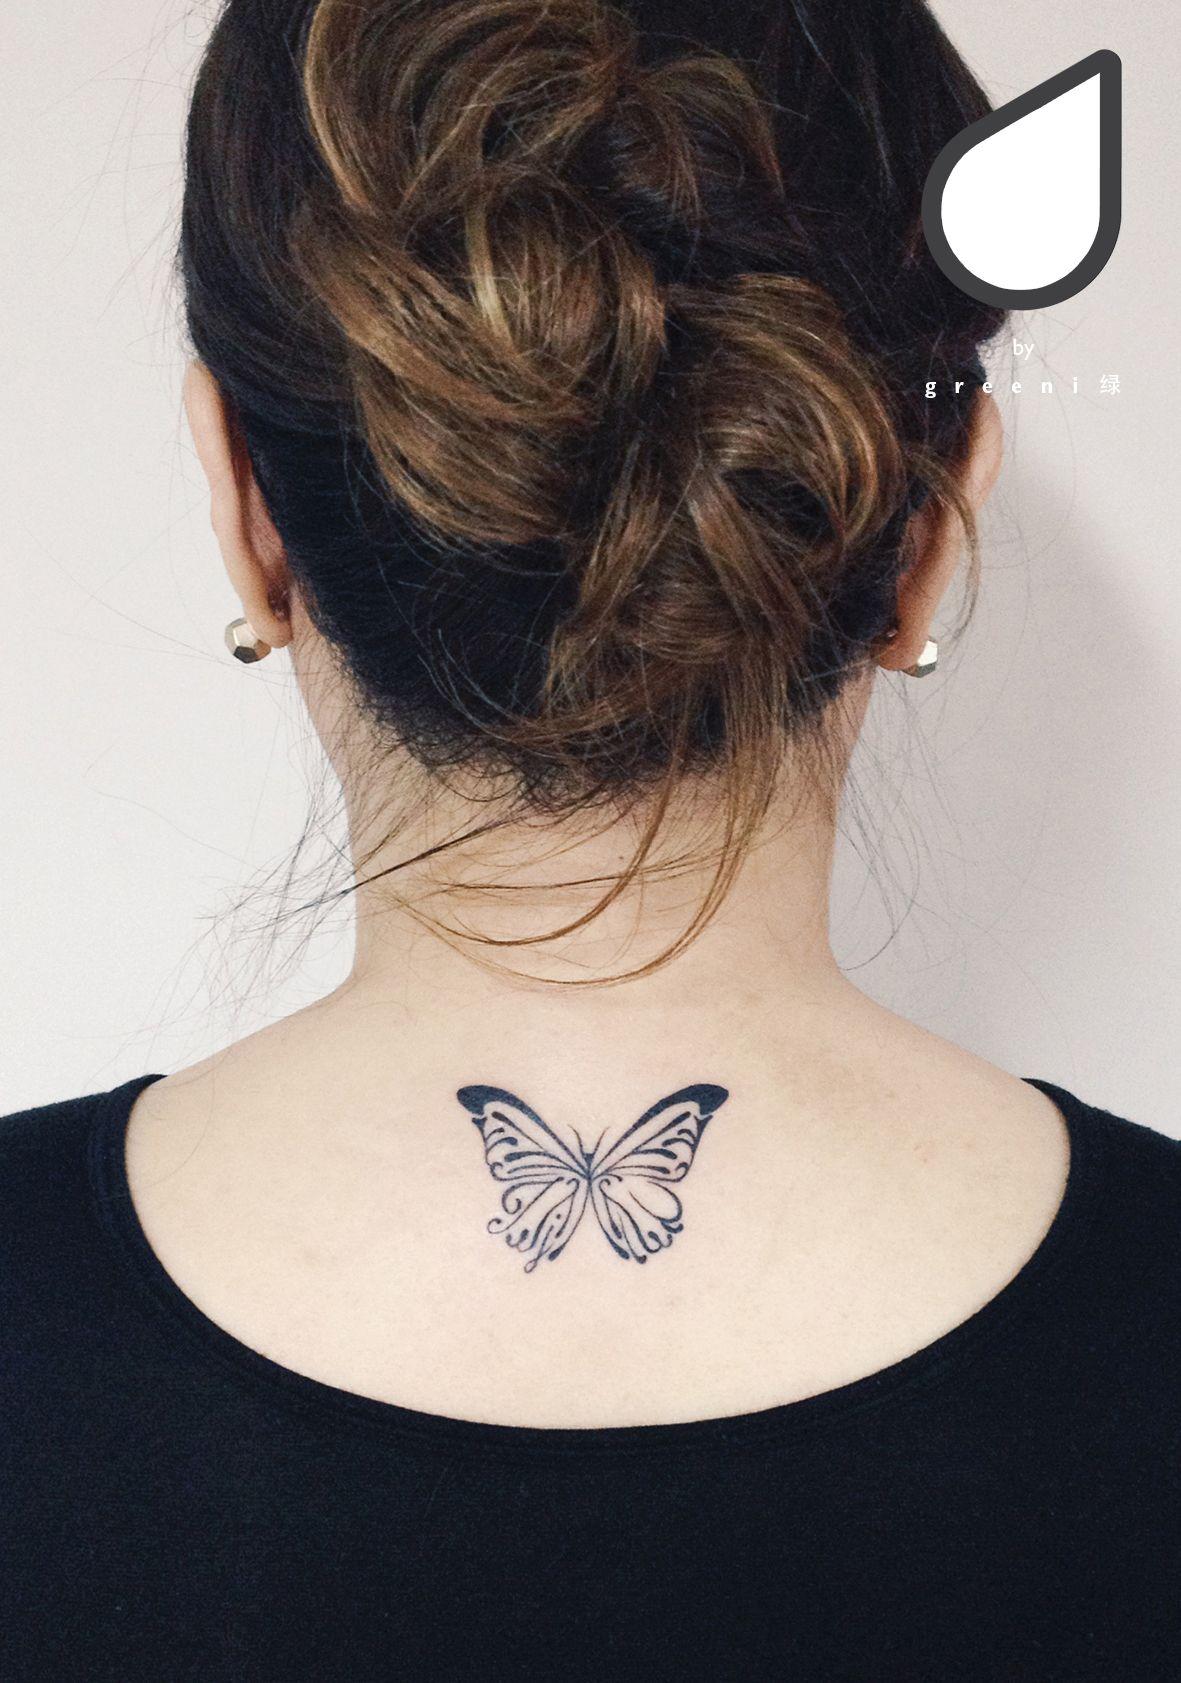 Butterfly Tattoo With Initials : butterfly, tattoo, initials, Tattoo, Butterfly, Hidden, Initials, Https://www.facebook.com/greenitattoo, Tattoo,, Tattoos,, Small